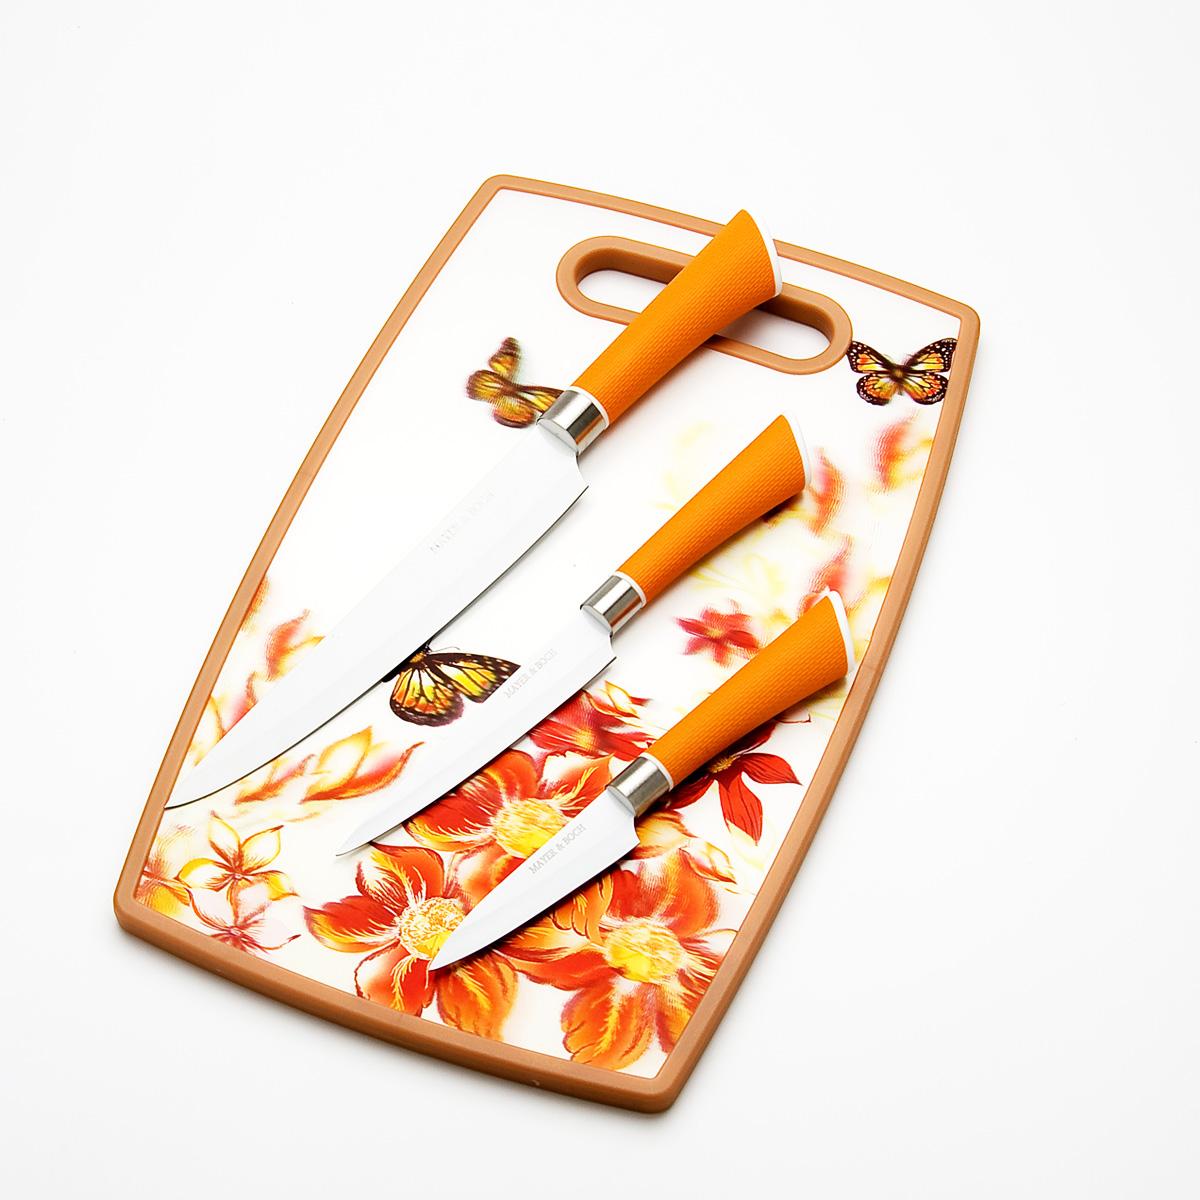 Набор ножей Mayer & Boch, на доске, 4 предмета23311Набор ножей Mayer & Boch состоит из ножа слайсера, универсального ножа и ножа для чистки овощей. Лезвия ножей выполнены из высококачественной нержавеющей стали с антибактериальным покрытием и имеют износостойкую режущую кромку, благодаря чему ножи дольше остаются острыми. Специальный дизайн рукояток, выполненных из пластика, обеспечивает комфортный и легко контролируемый захват. В комплекте разделочная доска. В набор входят: Нож слайсер - нож с длинным широким лезвием. Используется для тончайшей нарезки различных продуктов. Нож универсальный - легкий и многофункциональный нож для резки небольших овощей и фруктов, колбасы, сыра, масла. Имеет неширокое лезвие. Нож для чистки овощей - небольшой нож с коротким лезвием. Отлично подойдет для чистки овощей и фруктов. Разделочная доска.